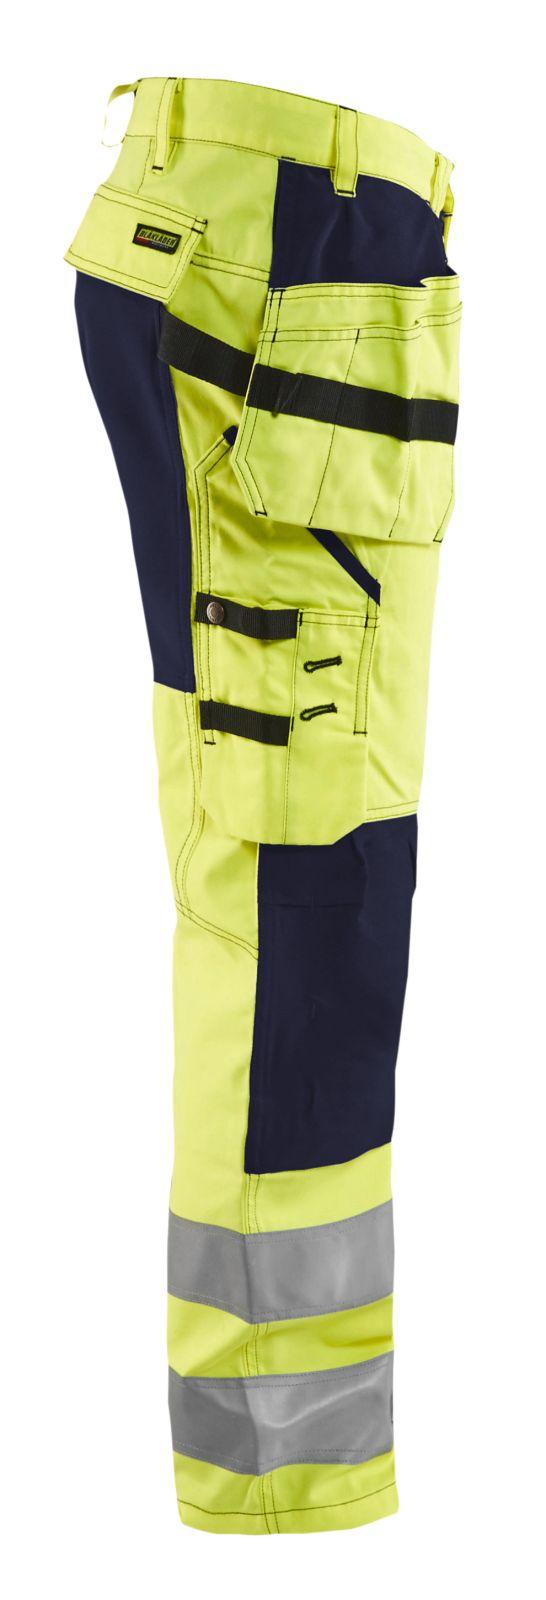 Blaklader Softshell werkbroeken 15521811 High Vis geel-marineblauw(3389)